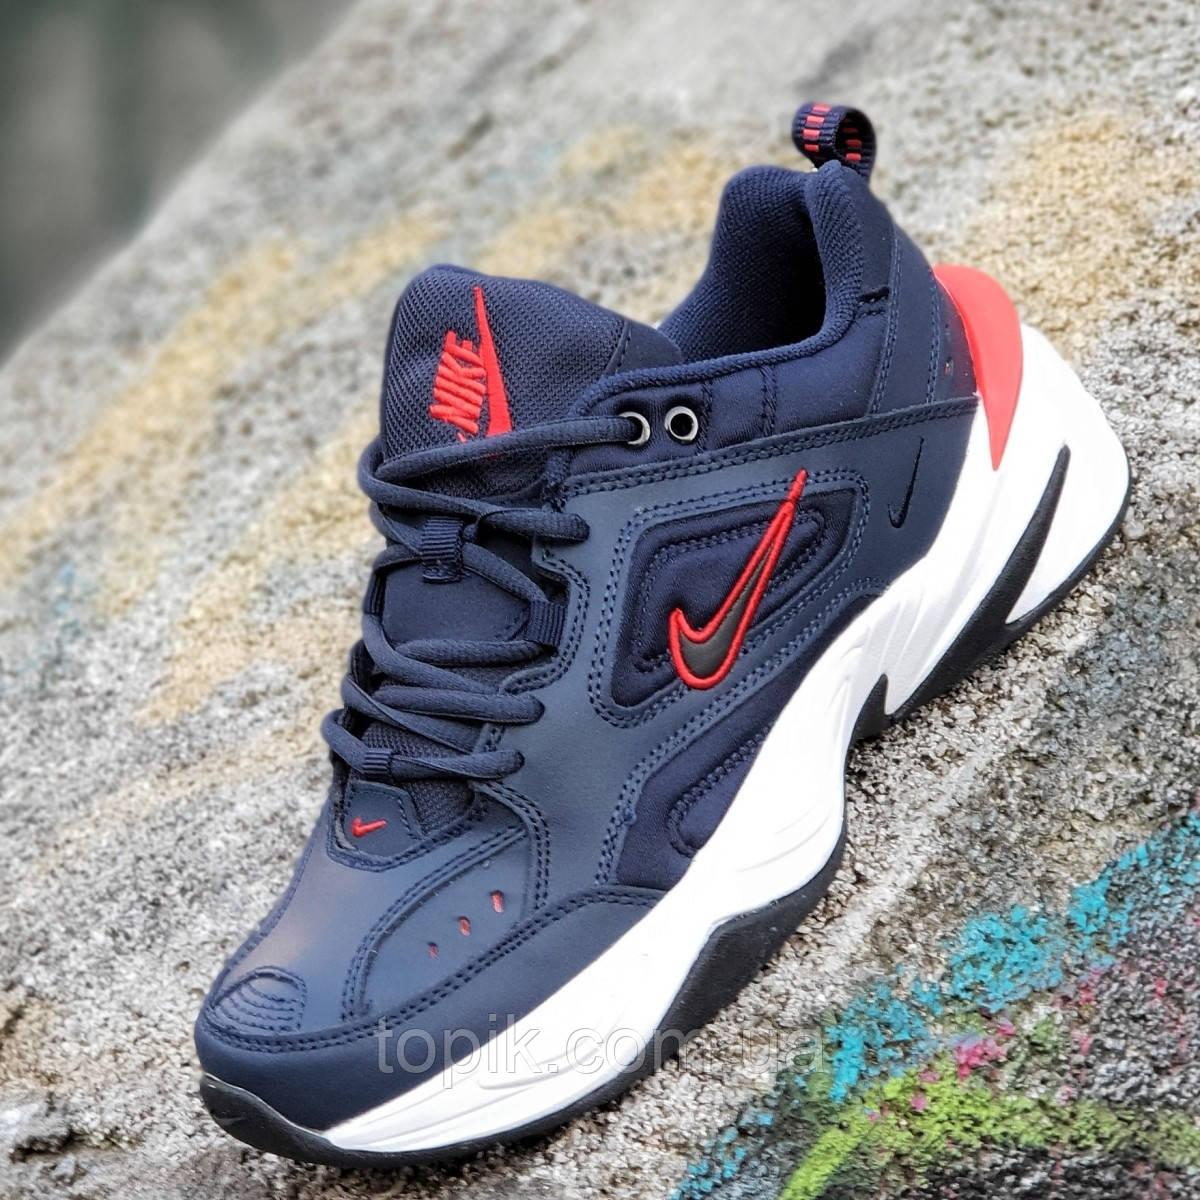 Мужские модные кожаные кроссовки Nike M2K Tekno реплика (Nike Air Monarch)  темно синие пенка (Код  1273) dc3760f860d